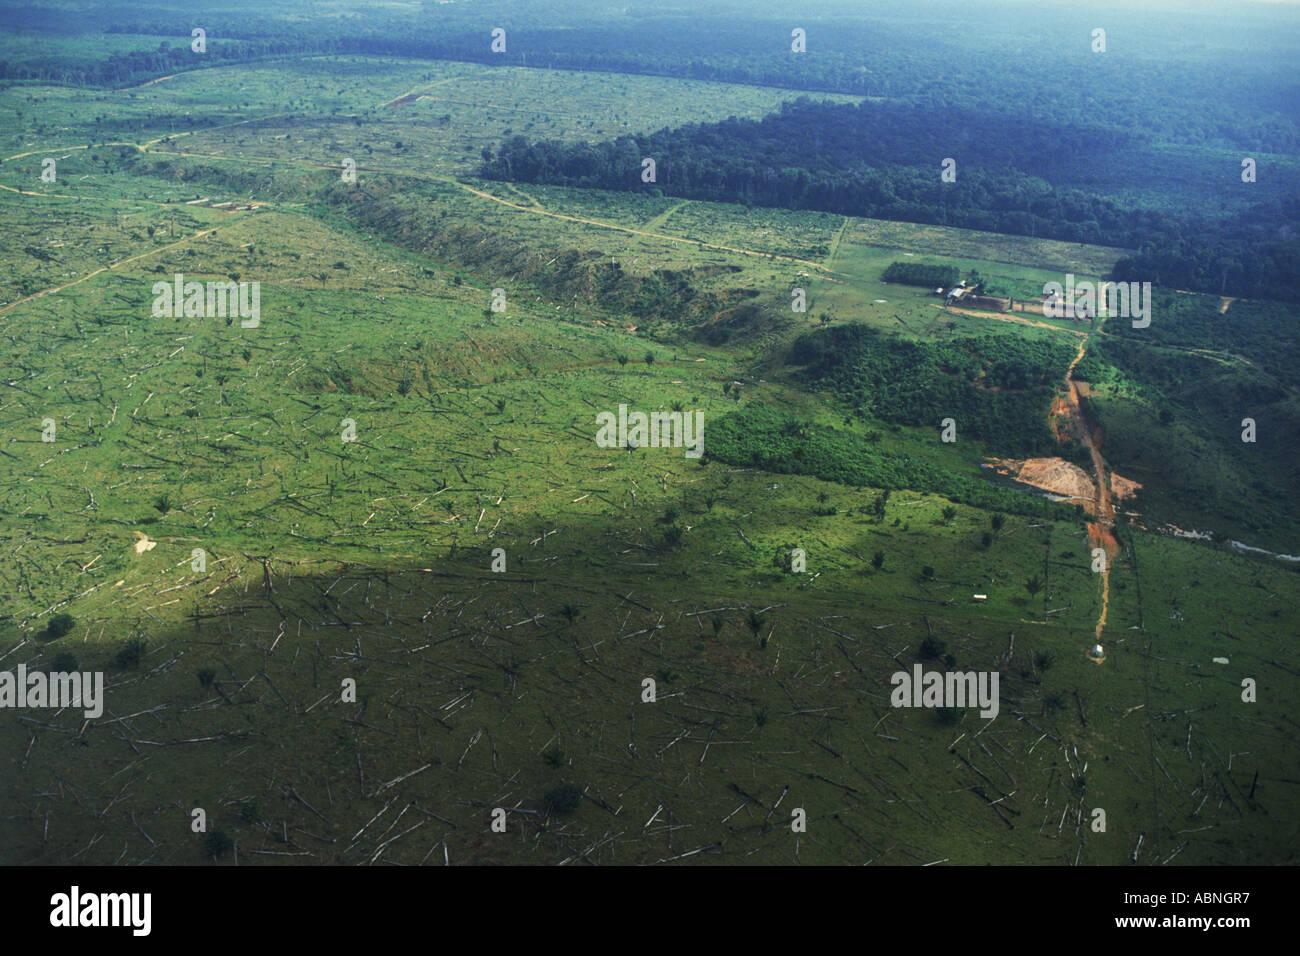 La deforestación o la tala de bosques tropicales en Brasil, cerca del río Amazonas Imagen De Stock